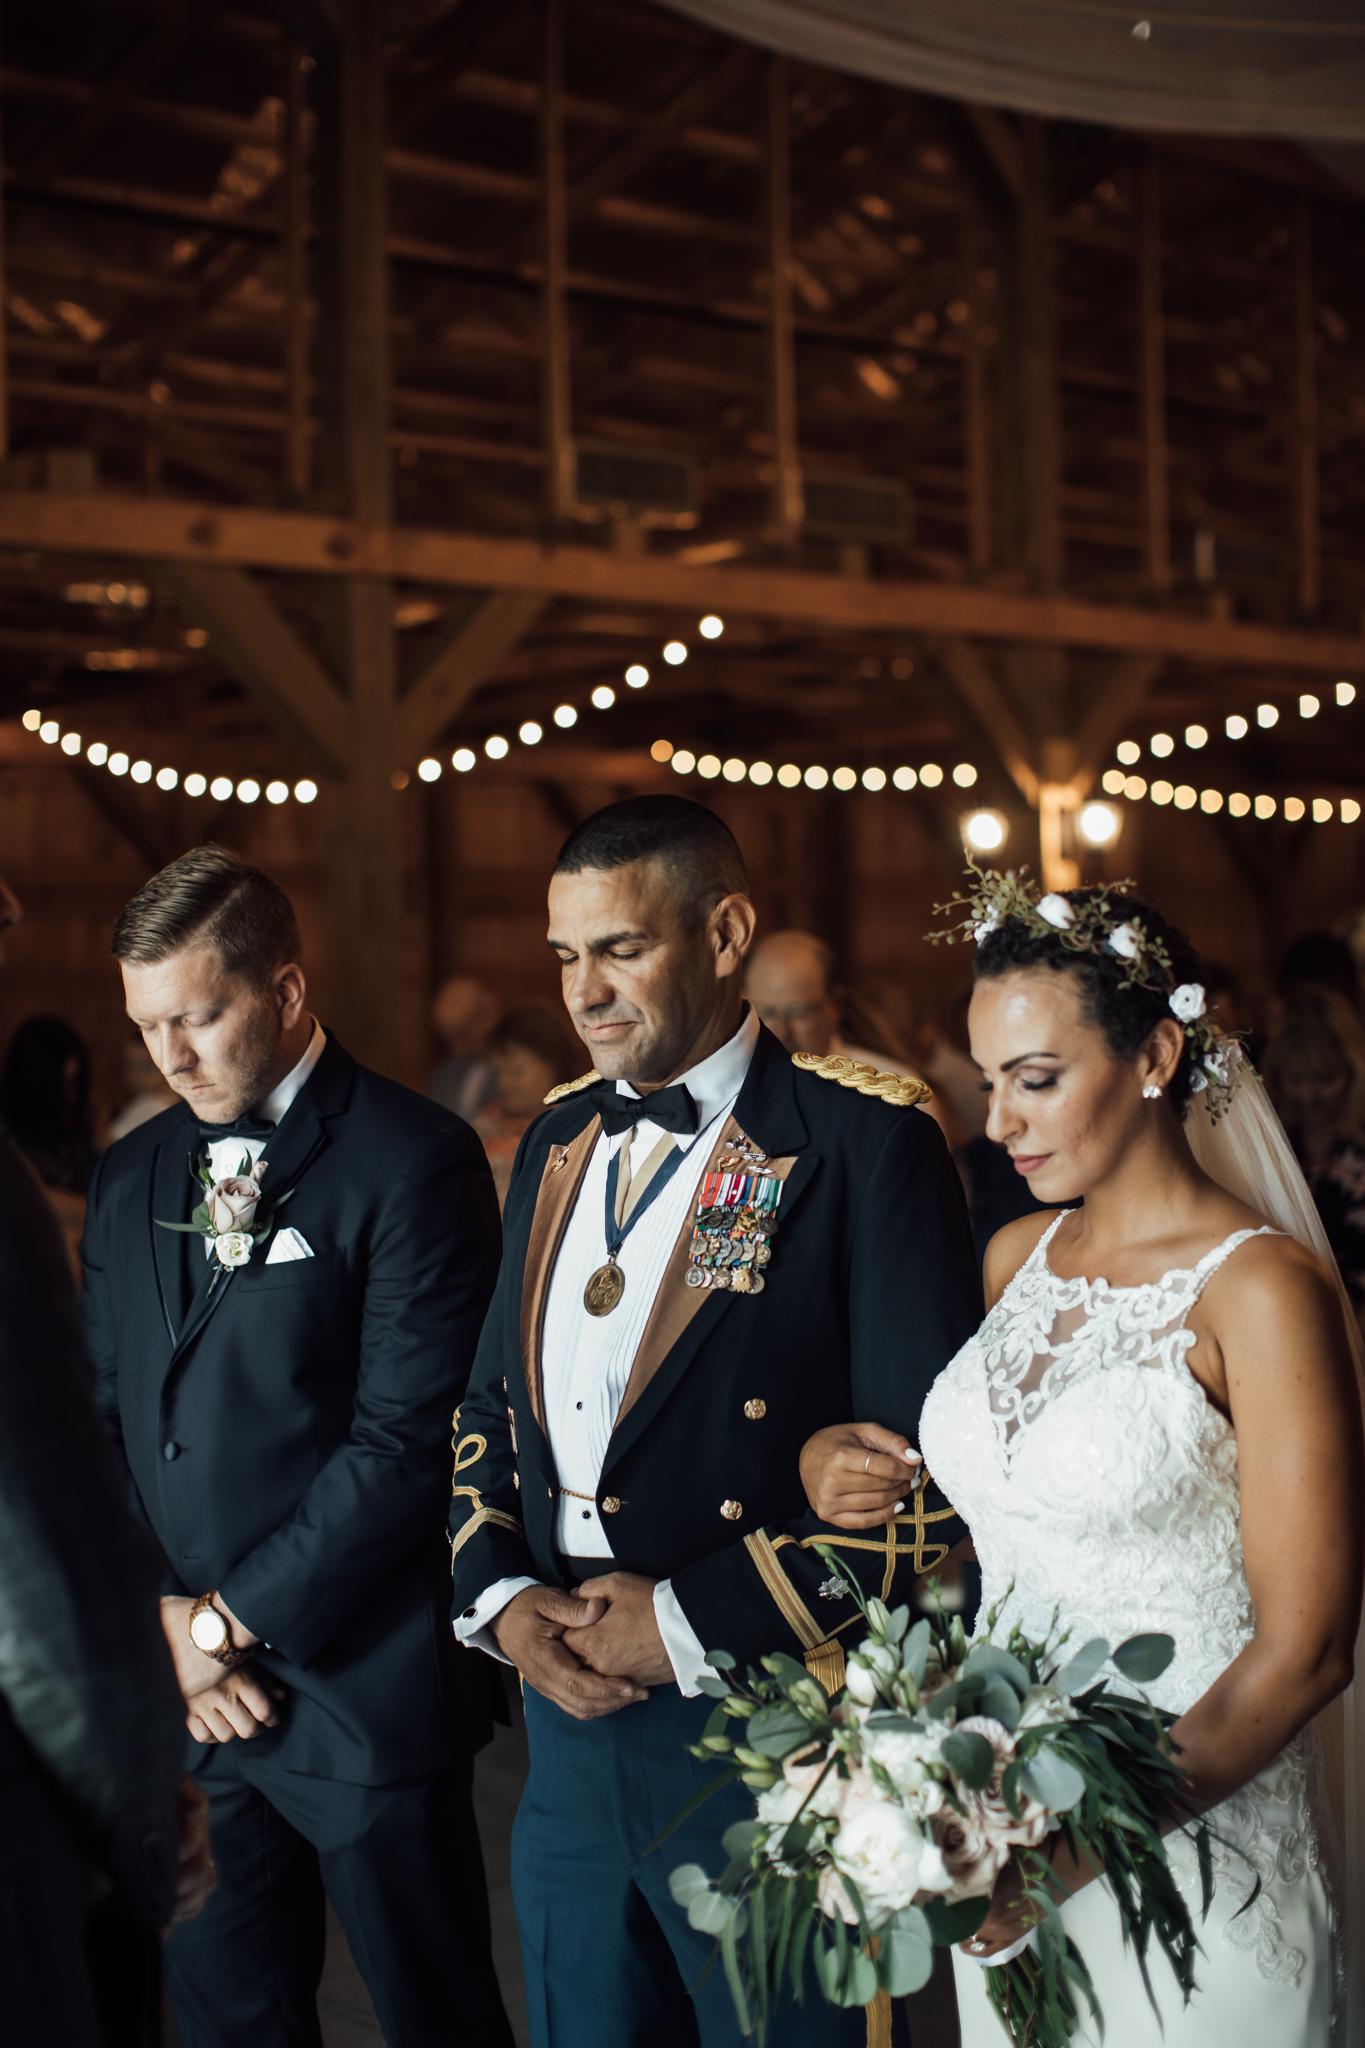 saddlewoodsfarms-nashville-wedding-photographer-thewarmtharoundyou-rustic-wedding (16 of 251).jpg